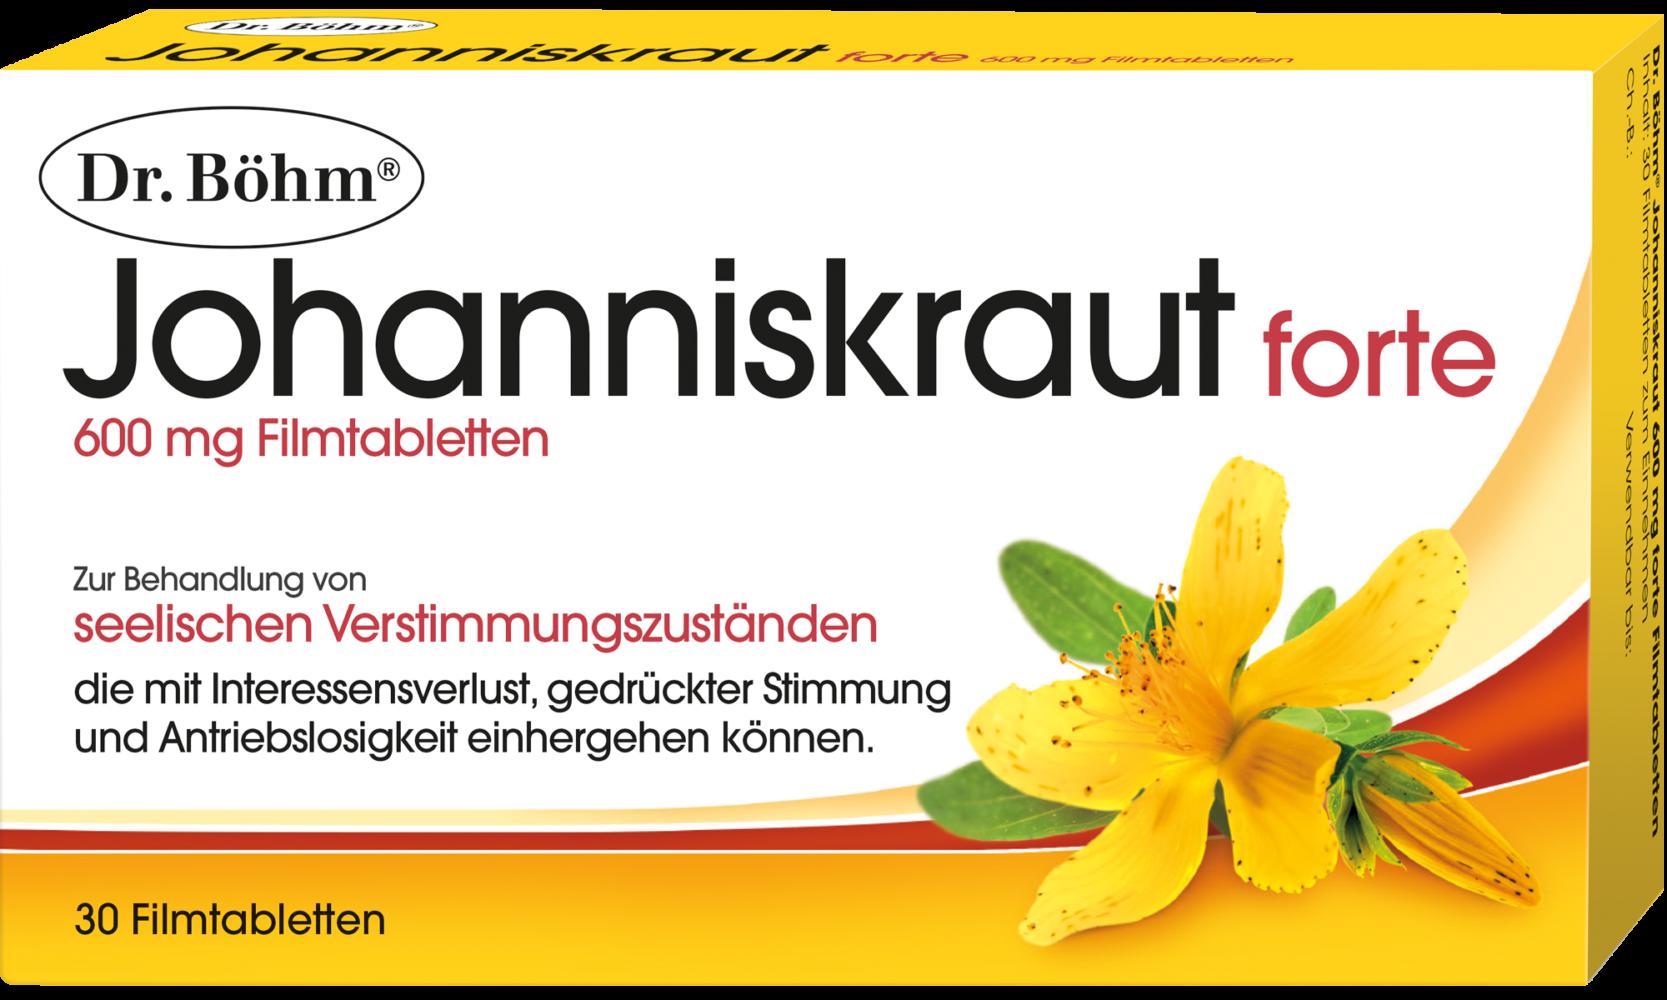 Dr. Böhm® Johanniskraut forte 600 mg Filmtabletten